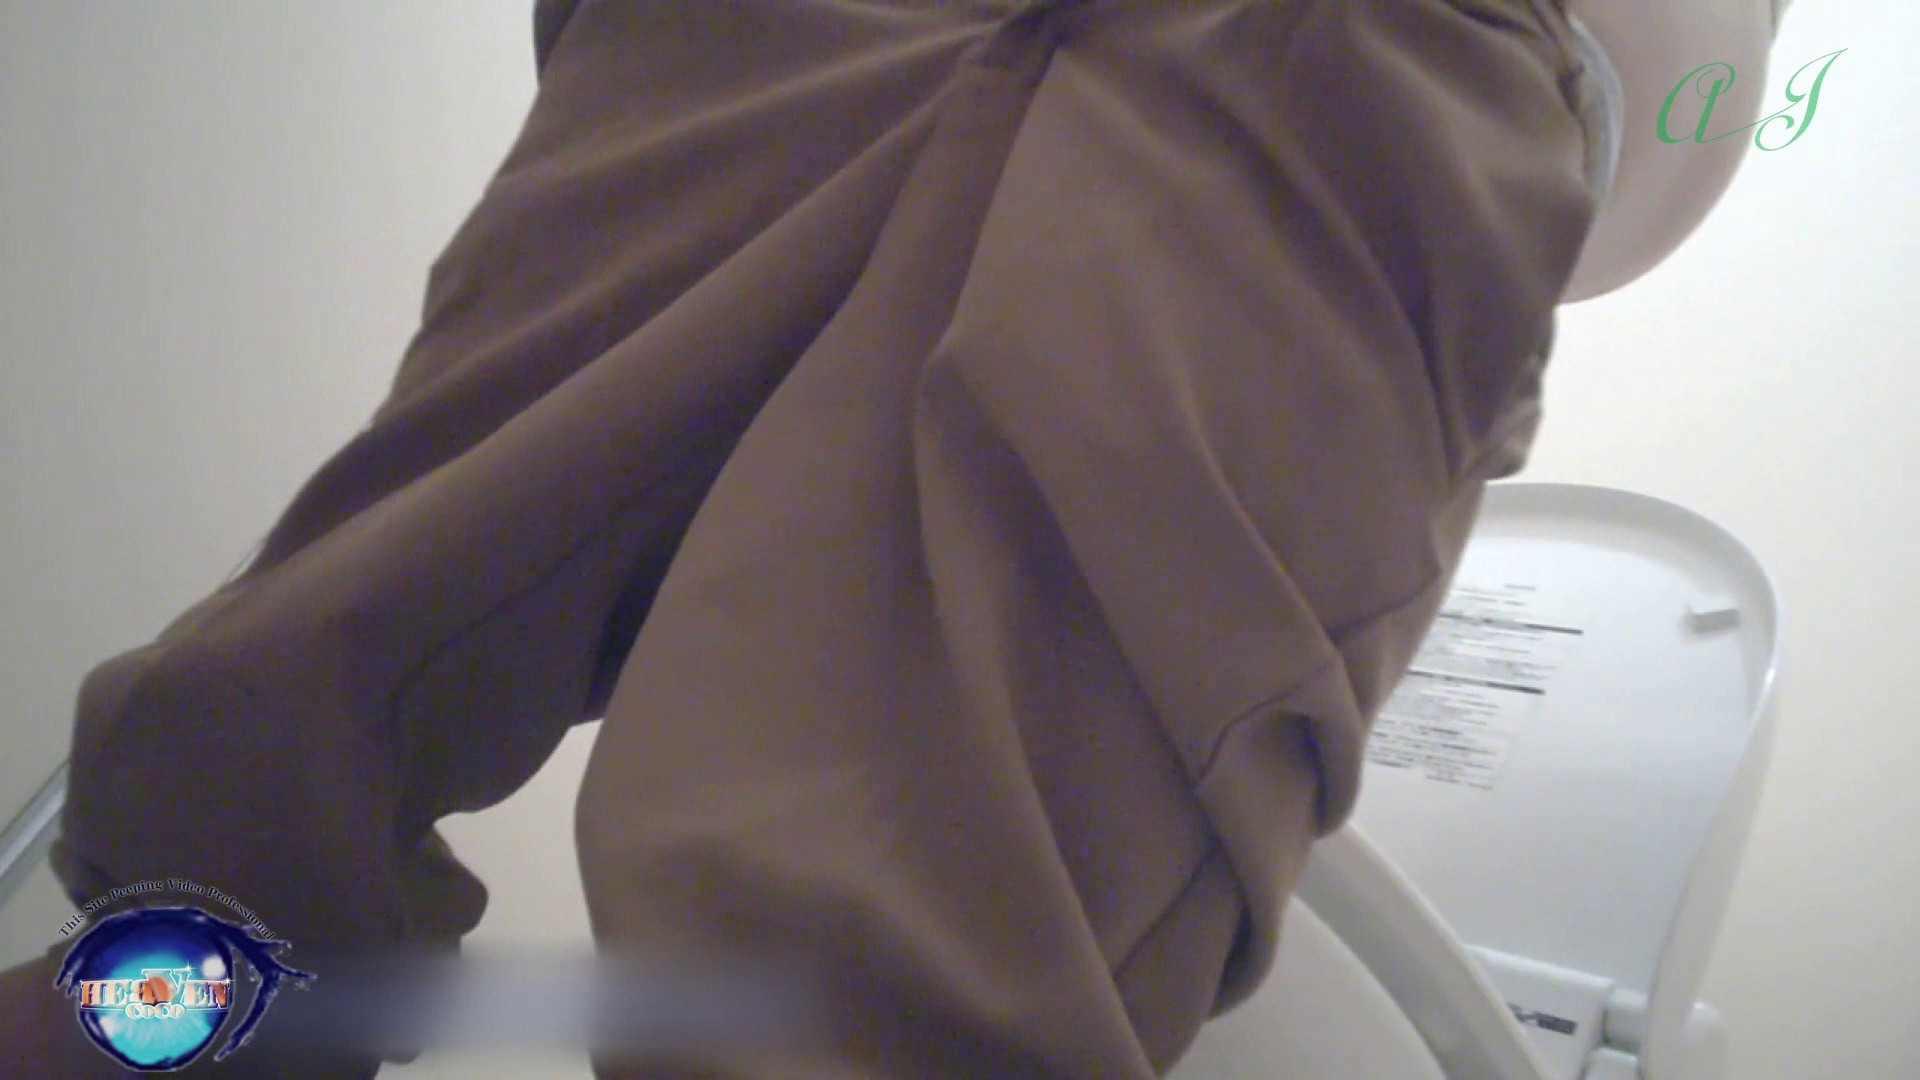 有名大学女性洗面所 vol.71 美女学生さんの潜入盗撮!後編 盗撮動画 SEX無修正画像 11枚 2